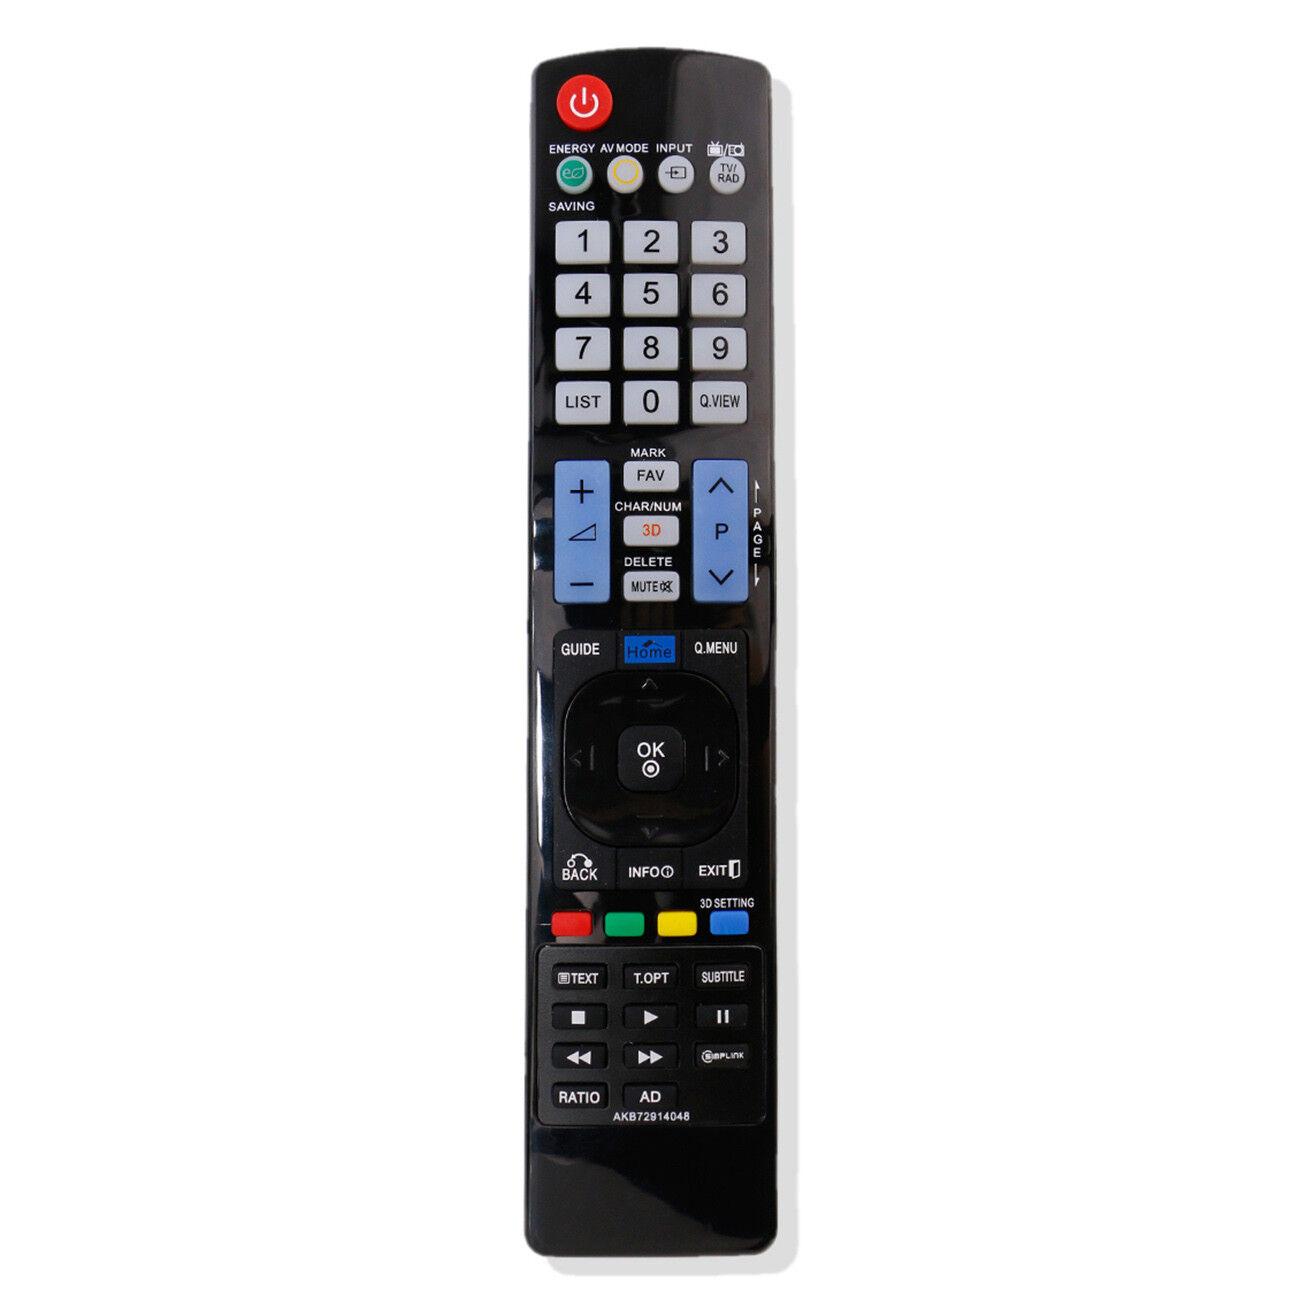 Nuovo telecomando di ricambio AKB72914048 per LG TV 26LU5000 26LV2500 32LS570S